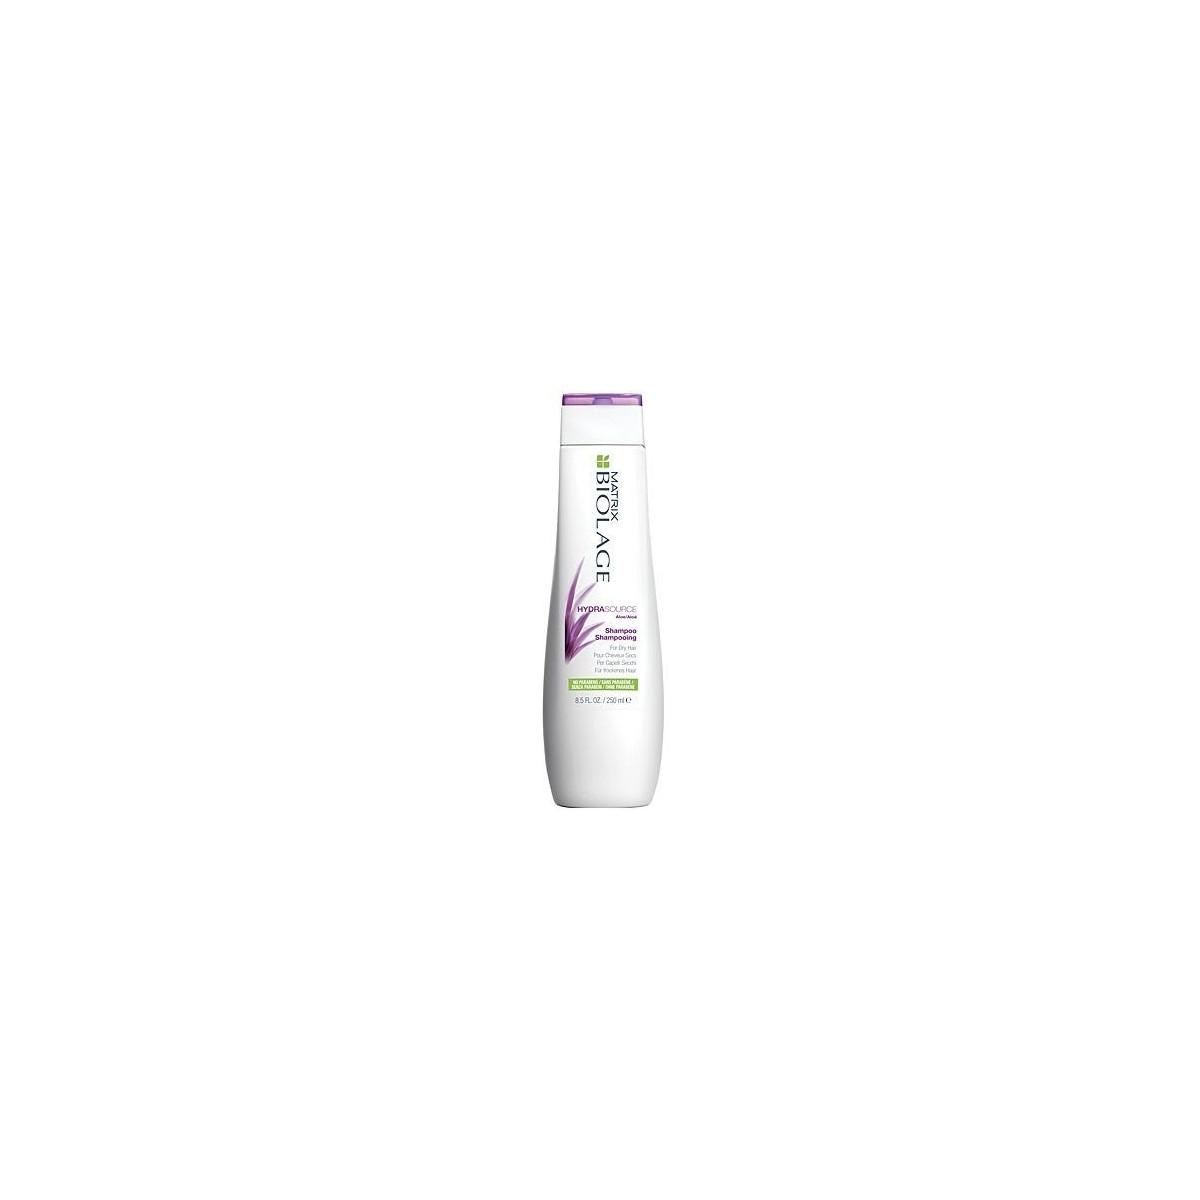 Matrix Biolage Hydrasource szampon 250ml